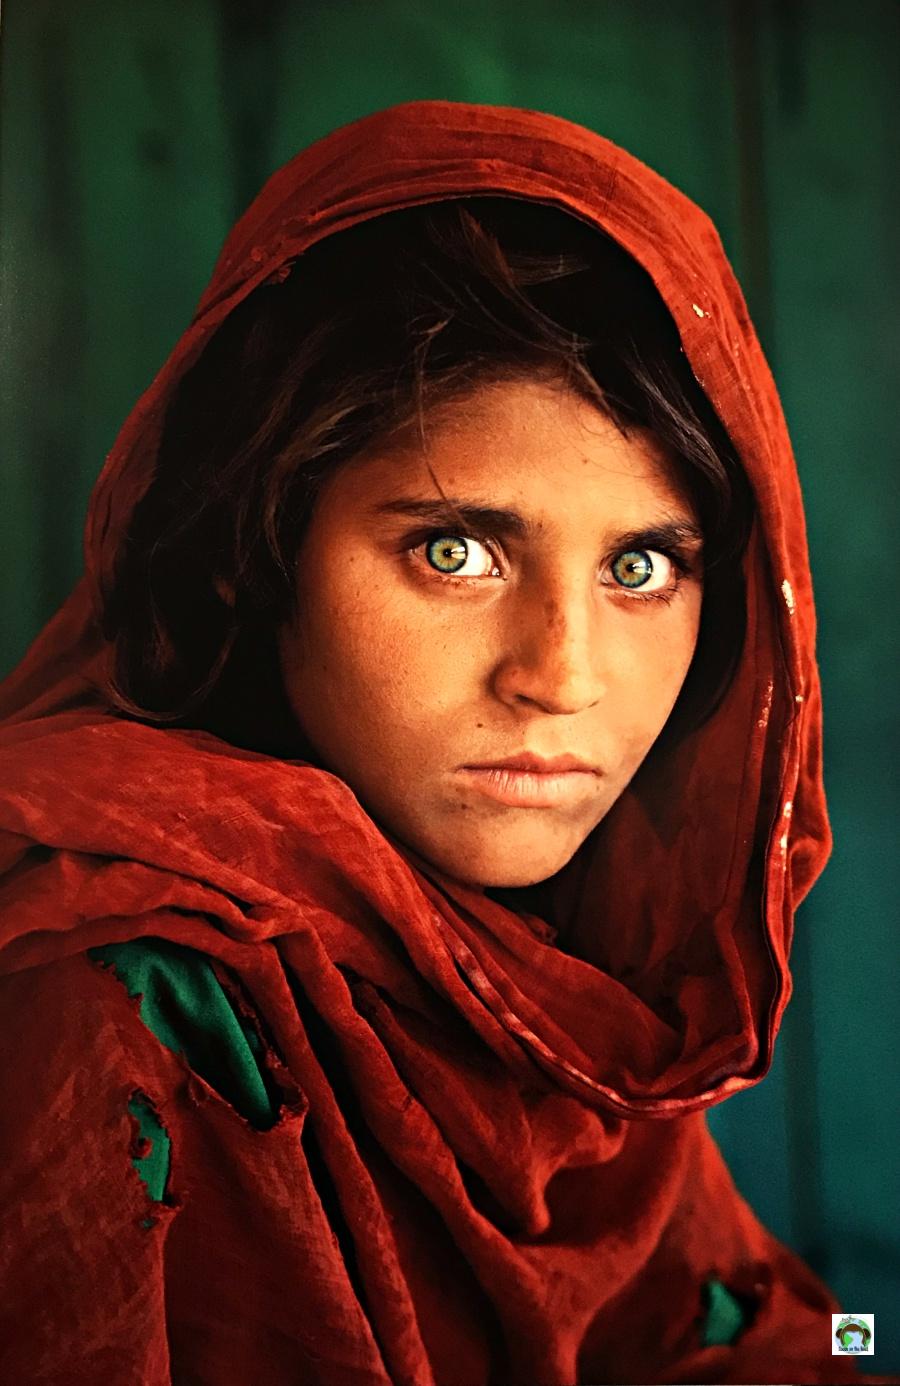 La Ragazza Afghana di Steve McCurry